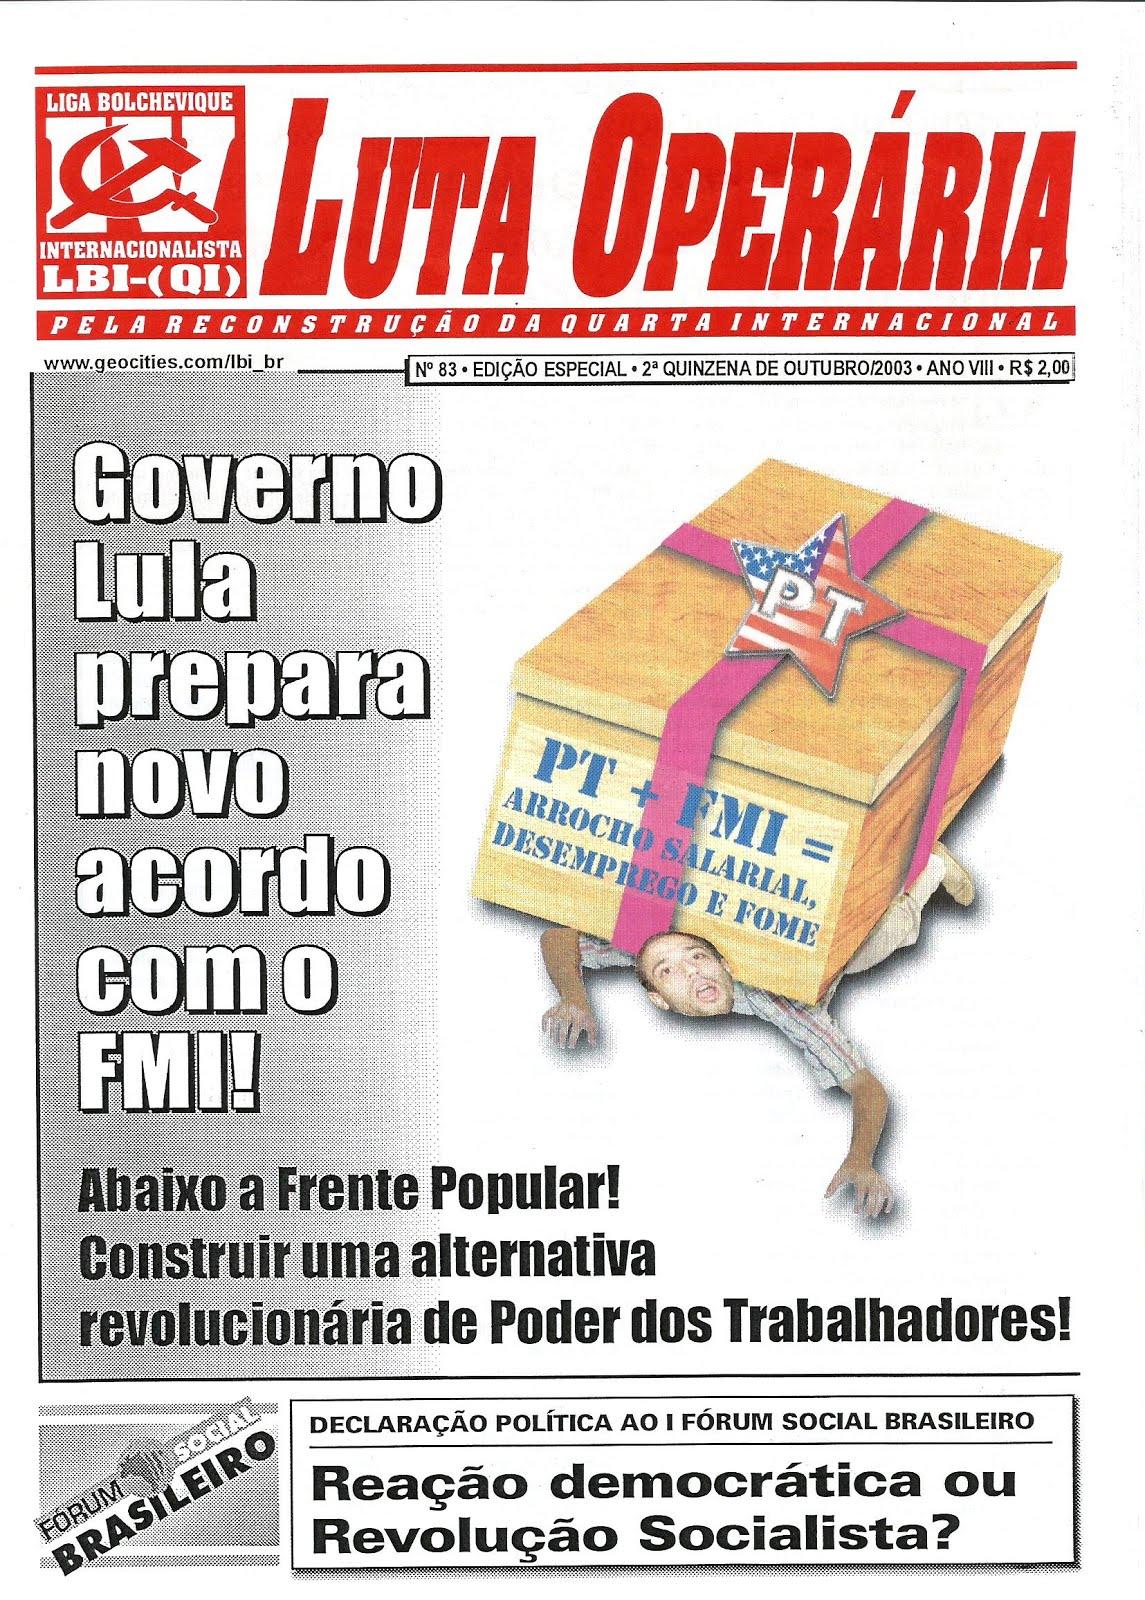 LEIA A EDIÇÃO DO JORNAL LUTA OPERÁRIA Nº83, 2ª QUINZ. DE OUTUBRO/2003